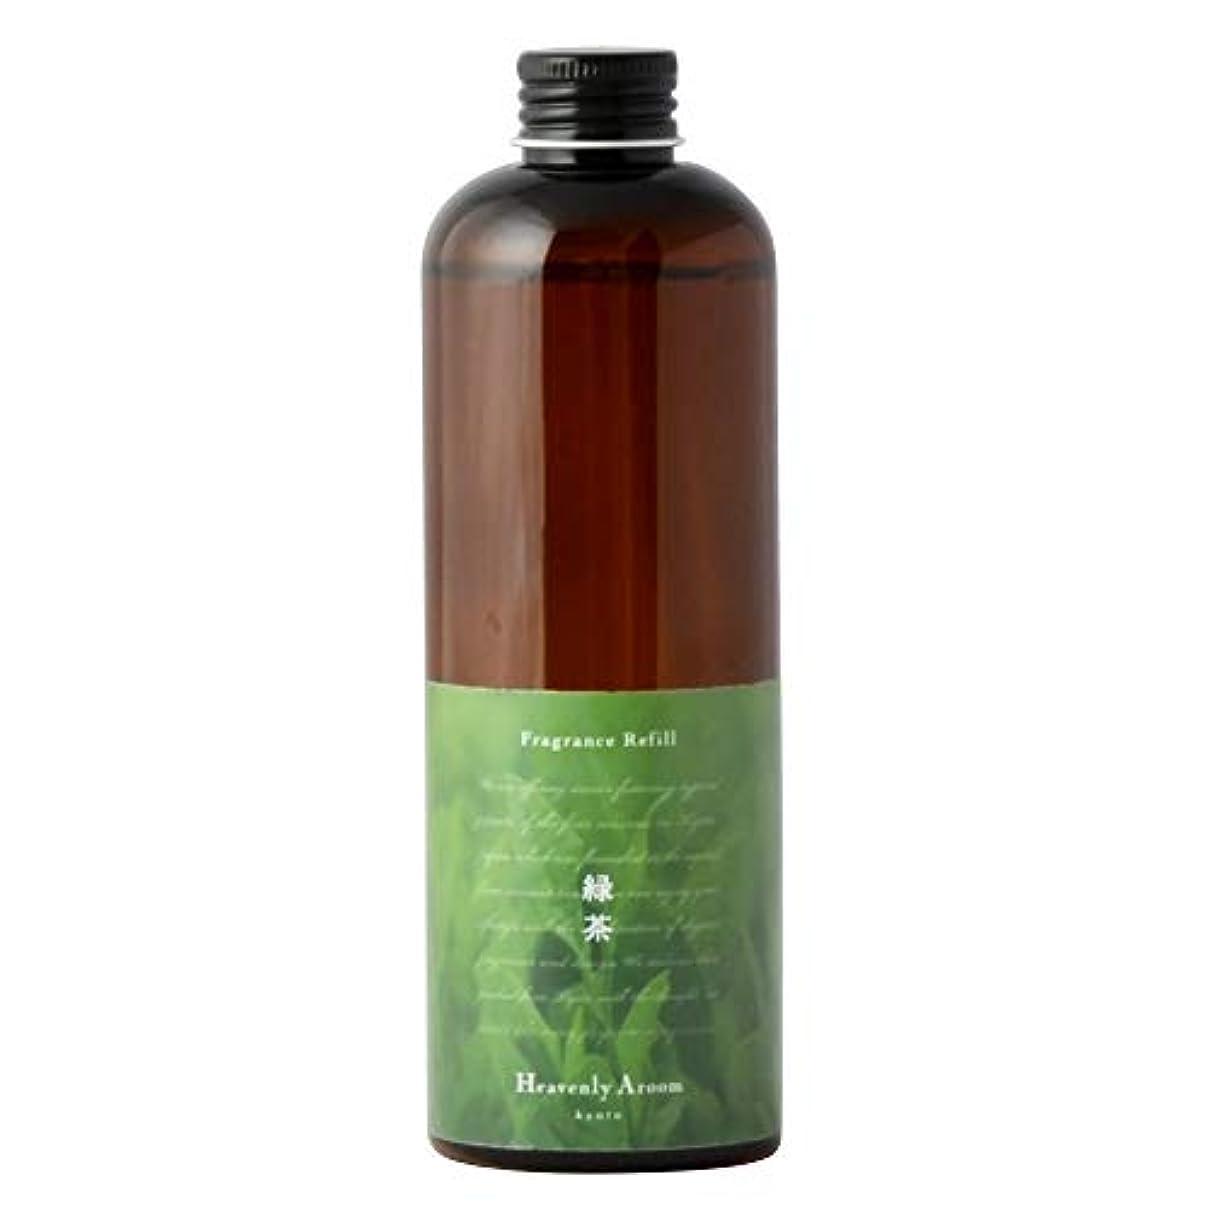 分解する週間余韻Heavenly Aroomフレグランスリフィル 緑茶 300ml